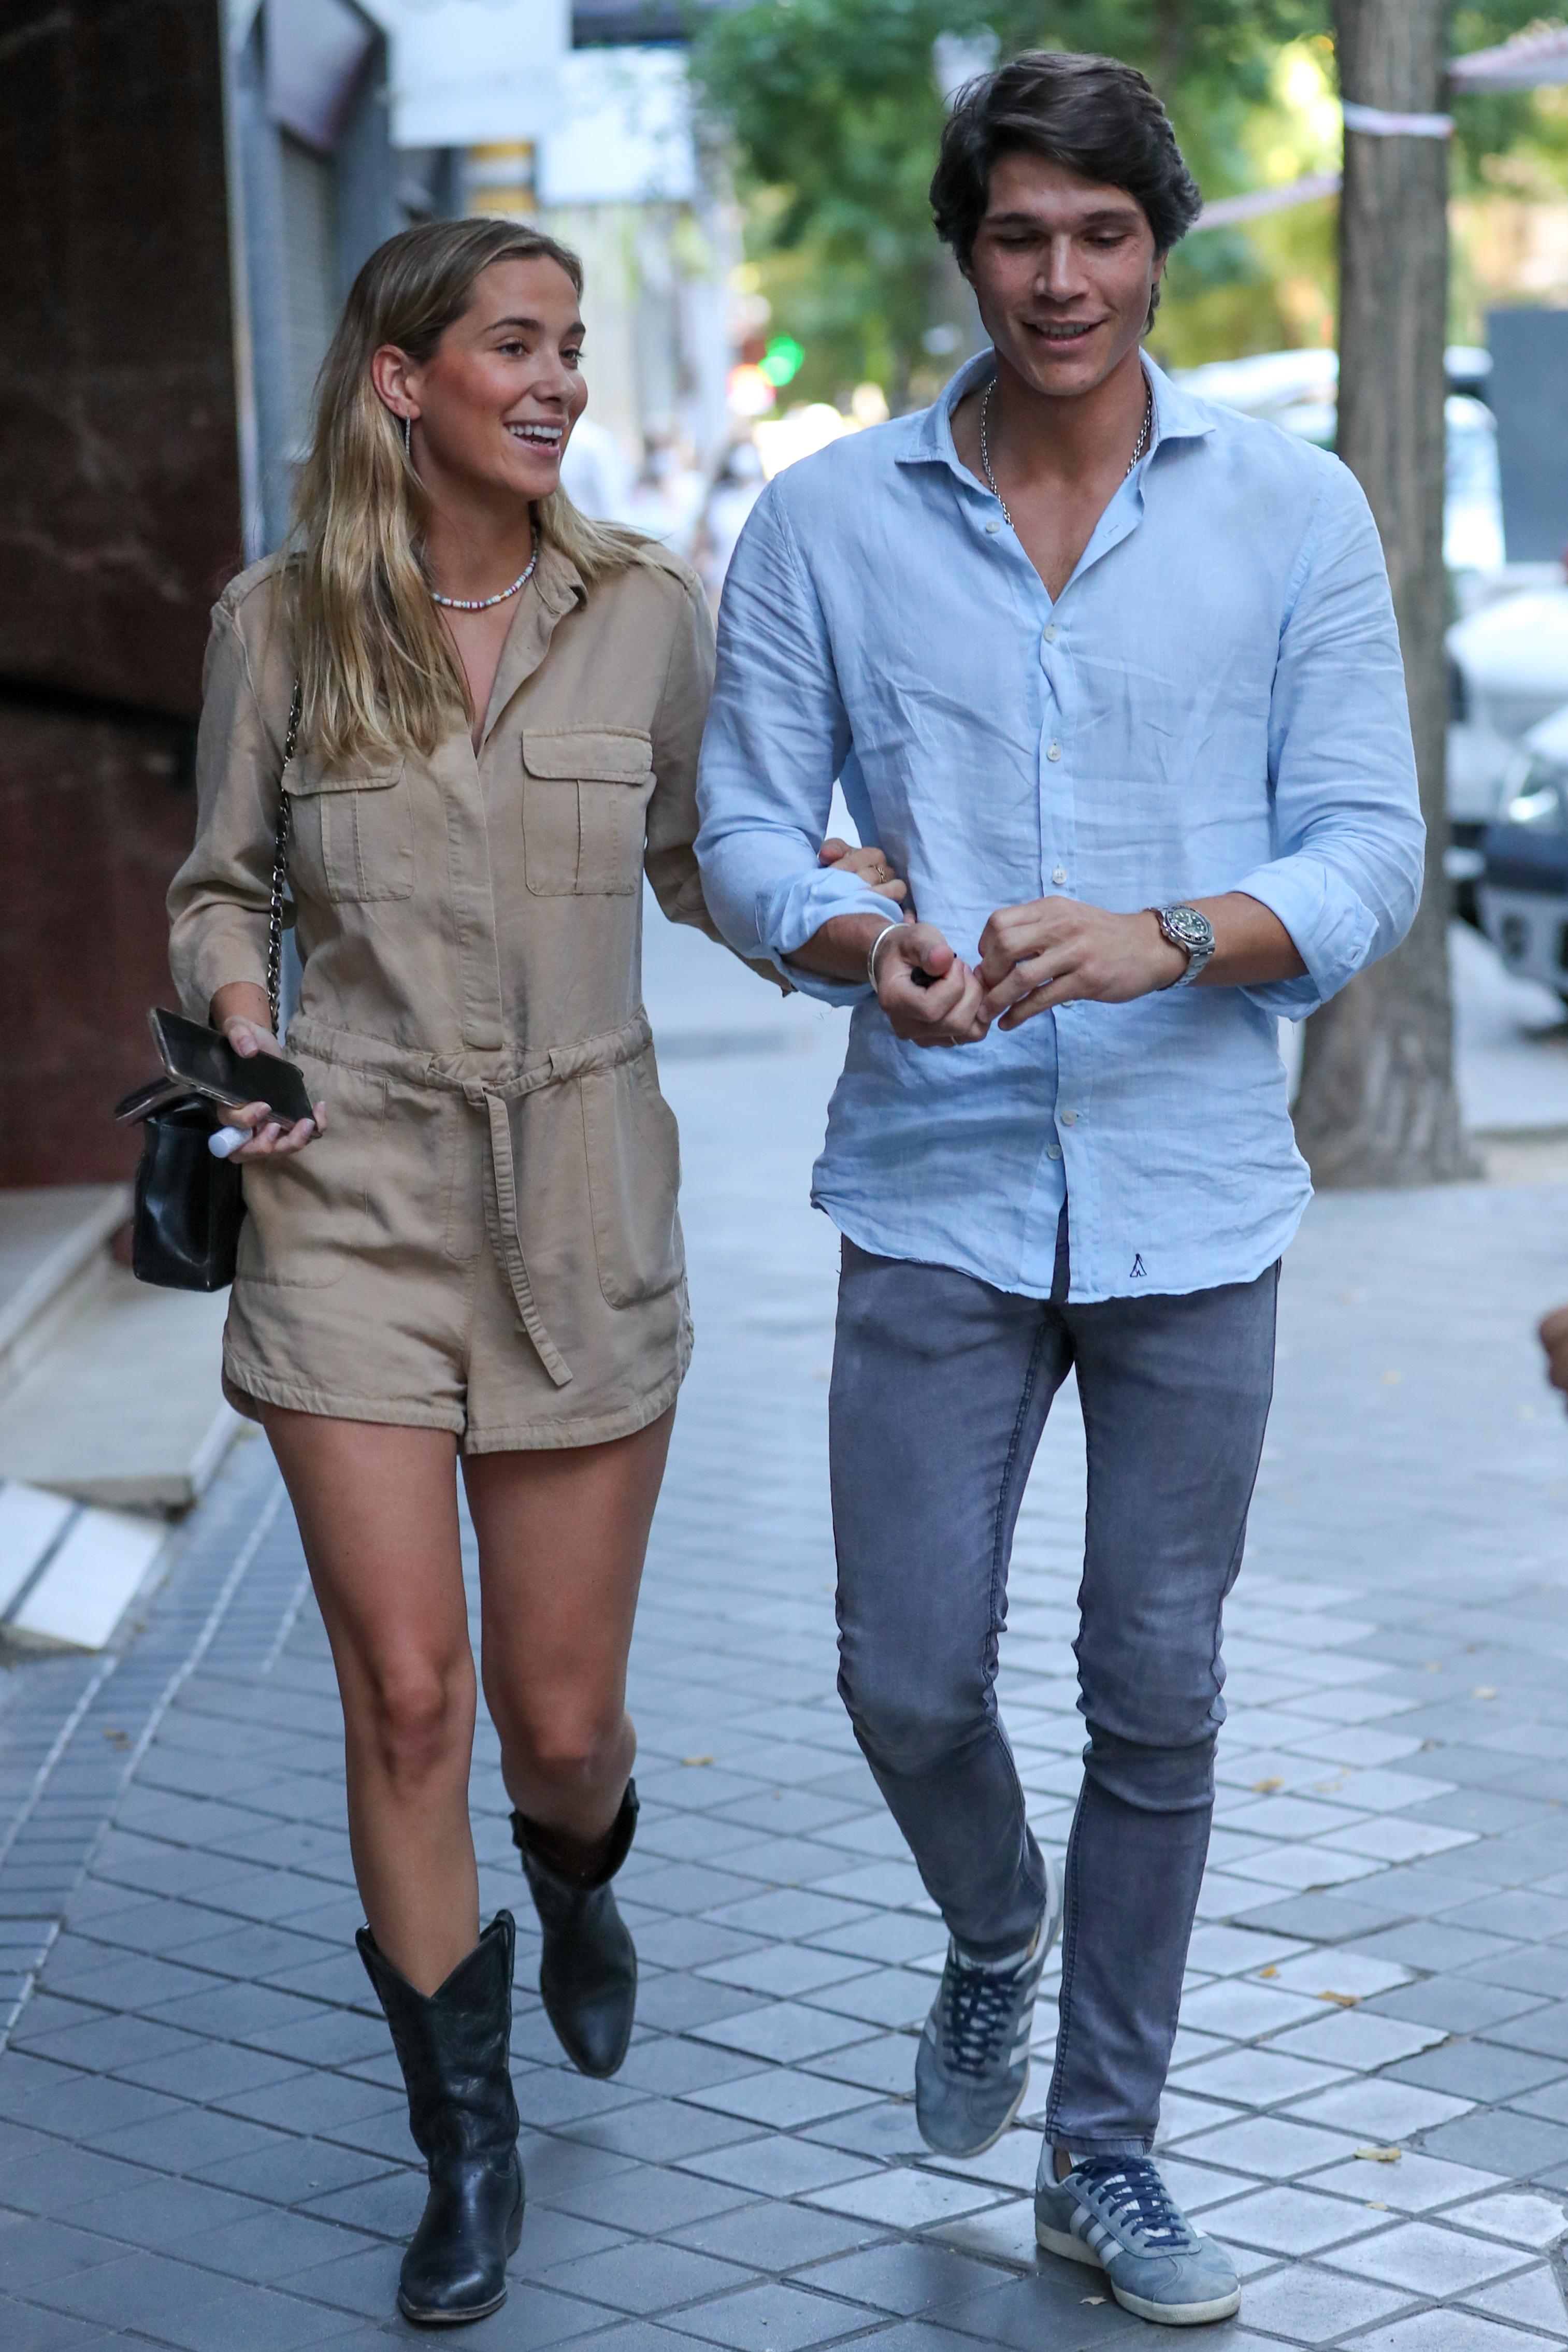 Maria Pombo y Pablo Castellano por las calles de Madrid 19/06/2020